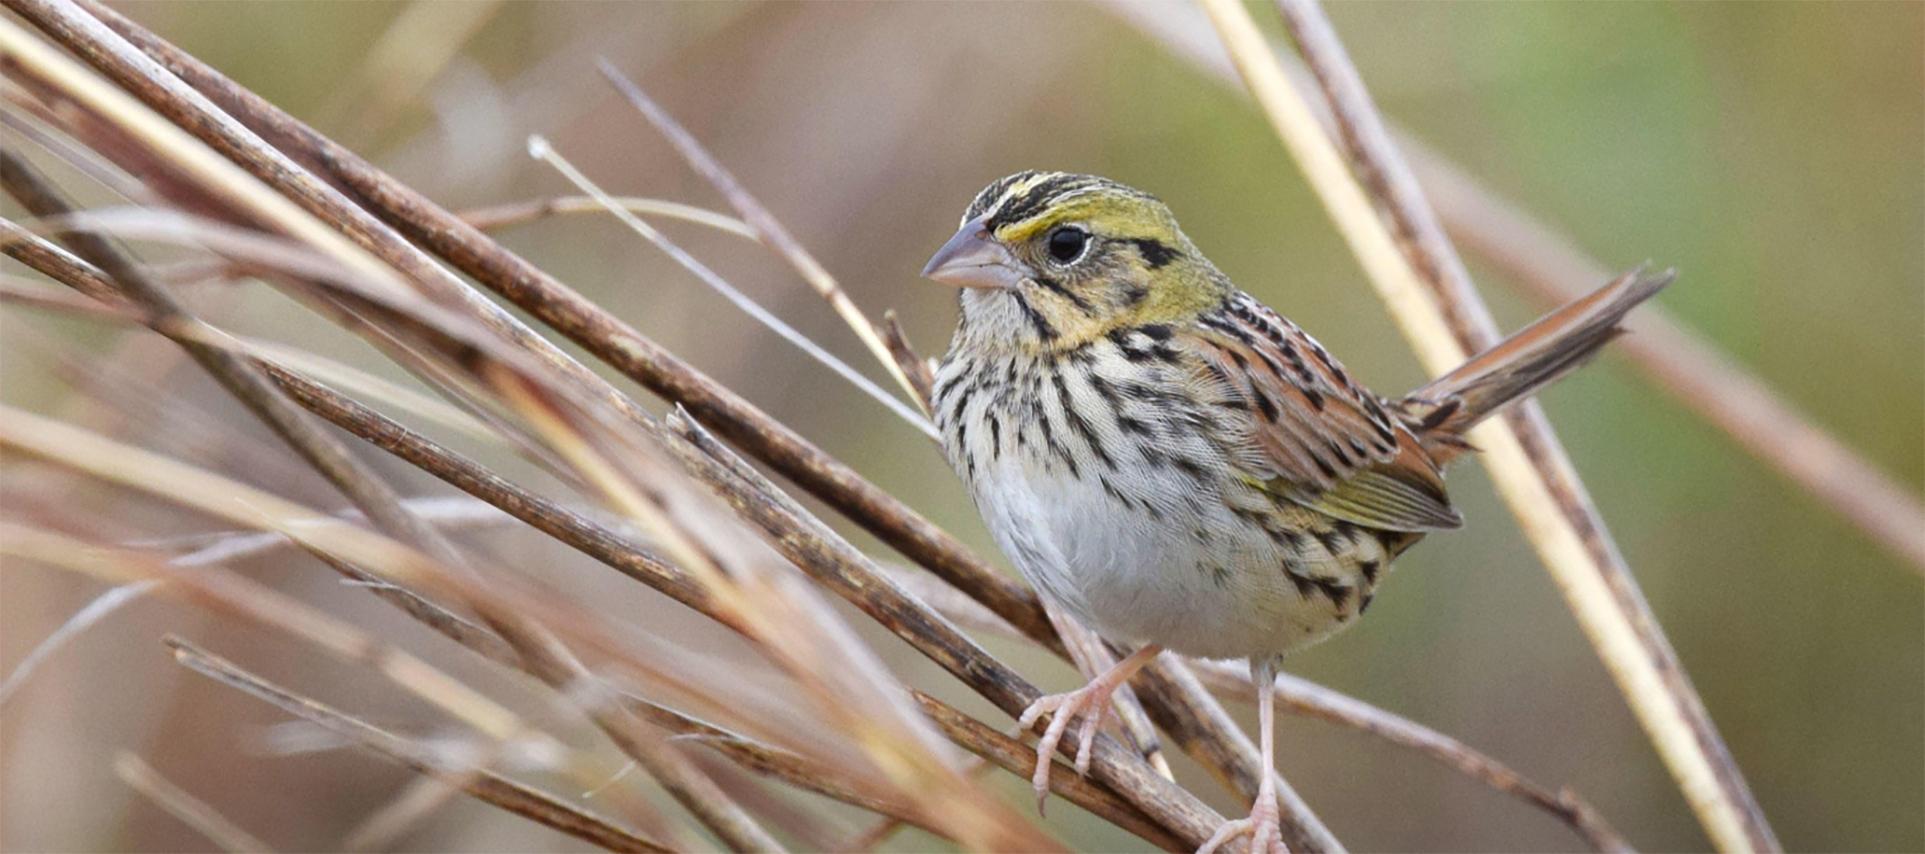 a sparrow on brush